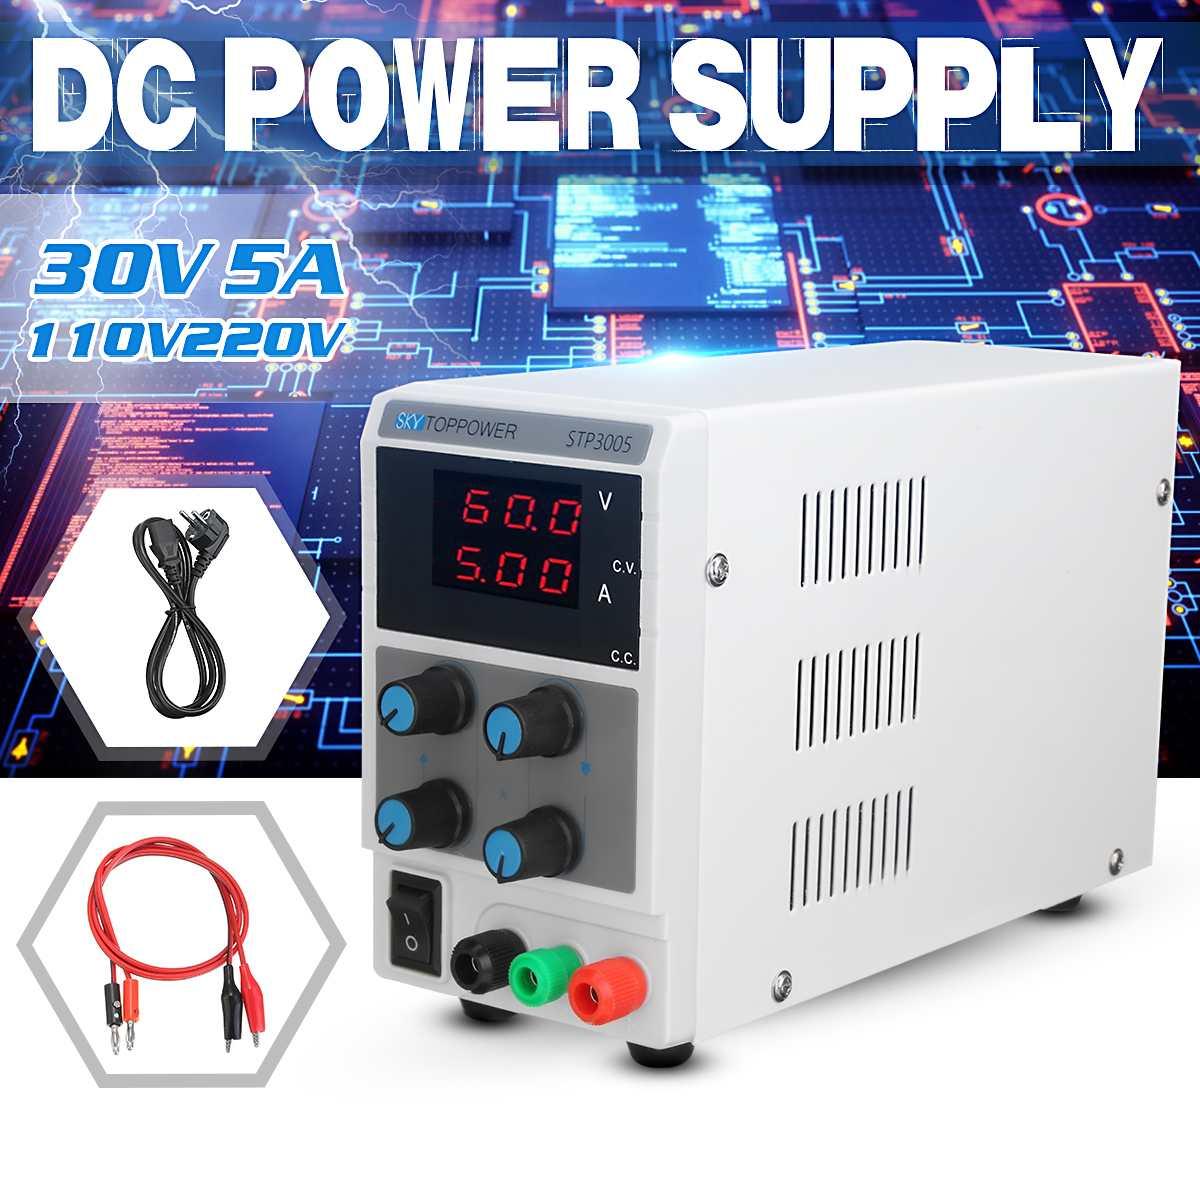 Régulateur de tension 30 V 5A LED régulateur de commutation réglable PWM alimentation cc réparation pour ordinateur portable reprise 110 v-220 v